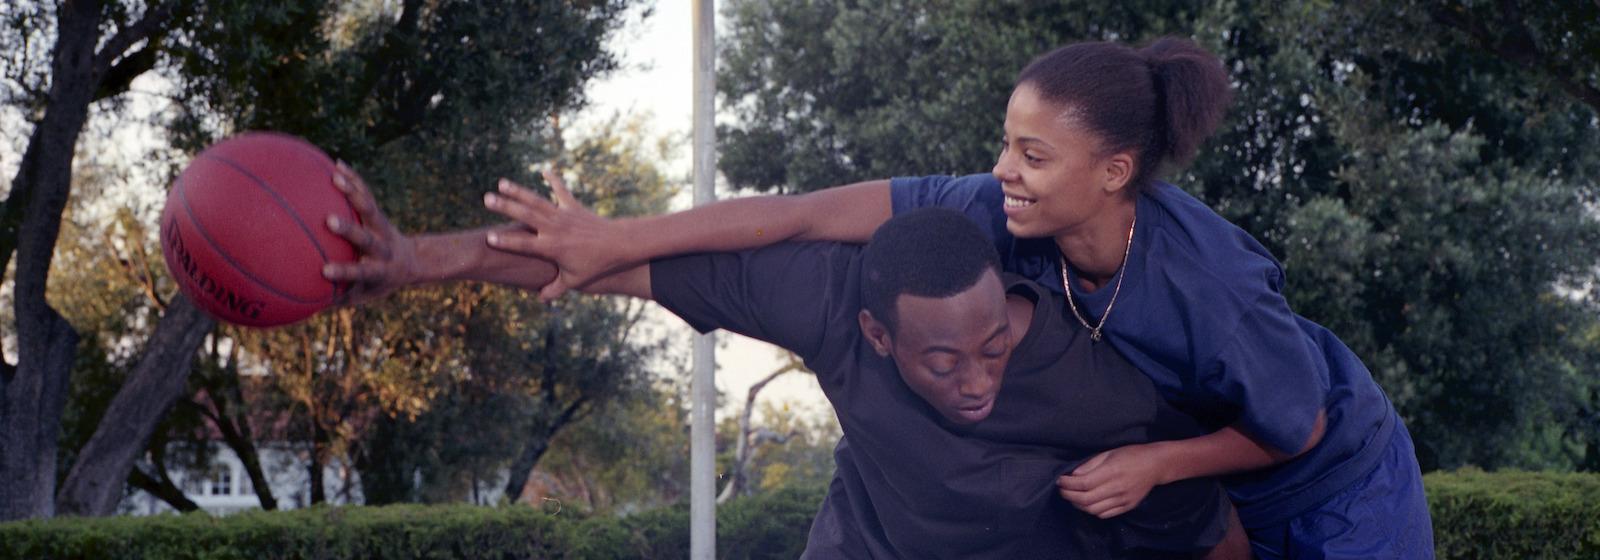 Gina Prince-Bythewood's Love and Basketball